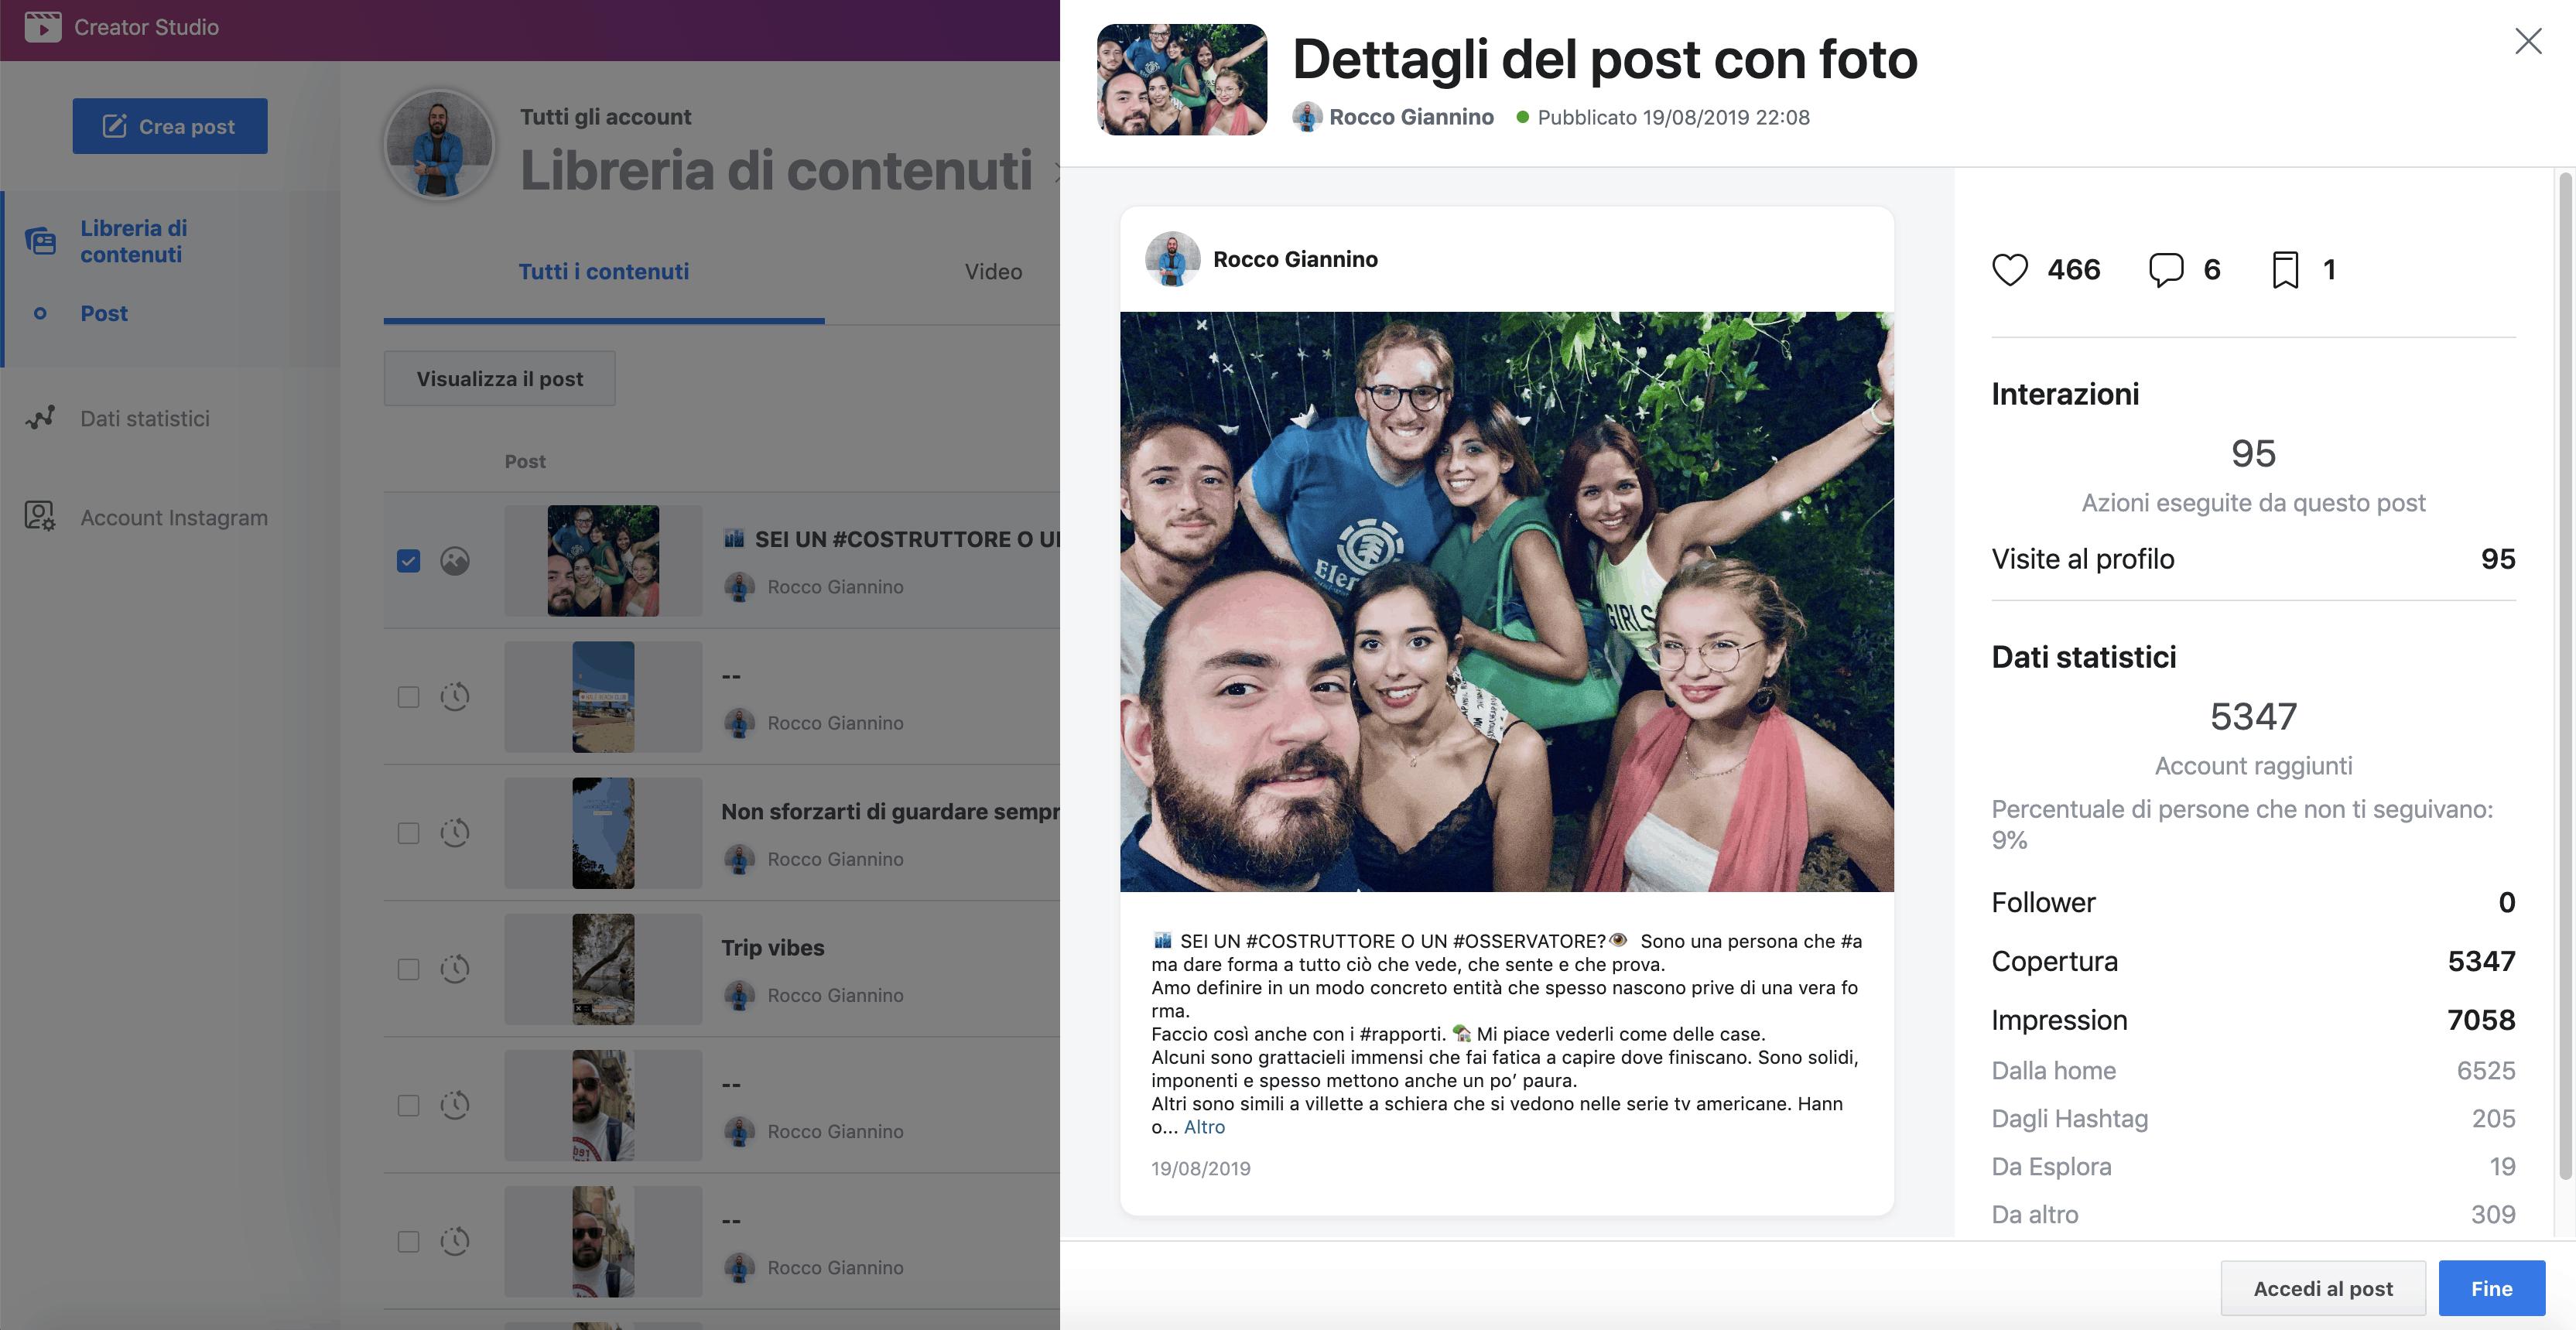 creator_studio_instagram_post